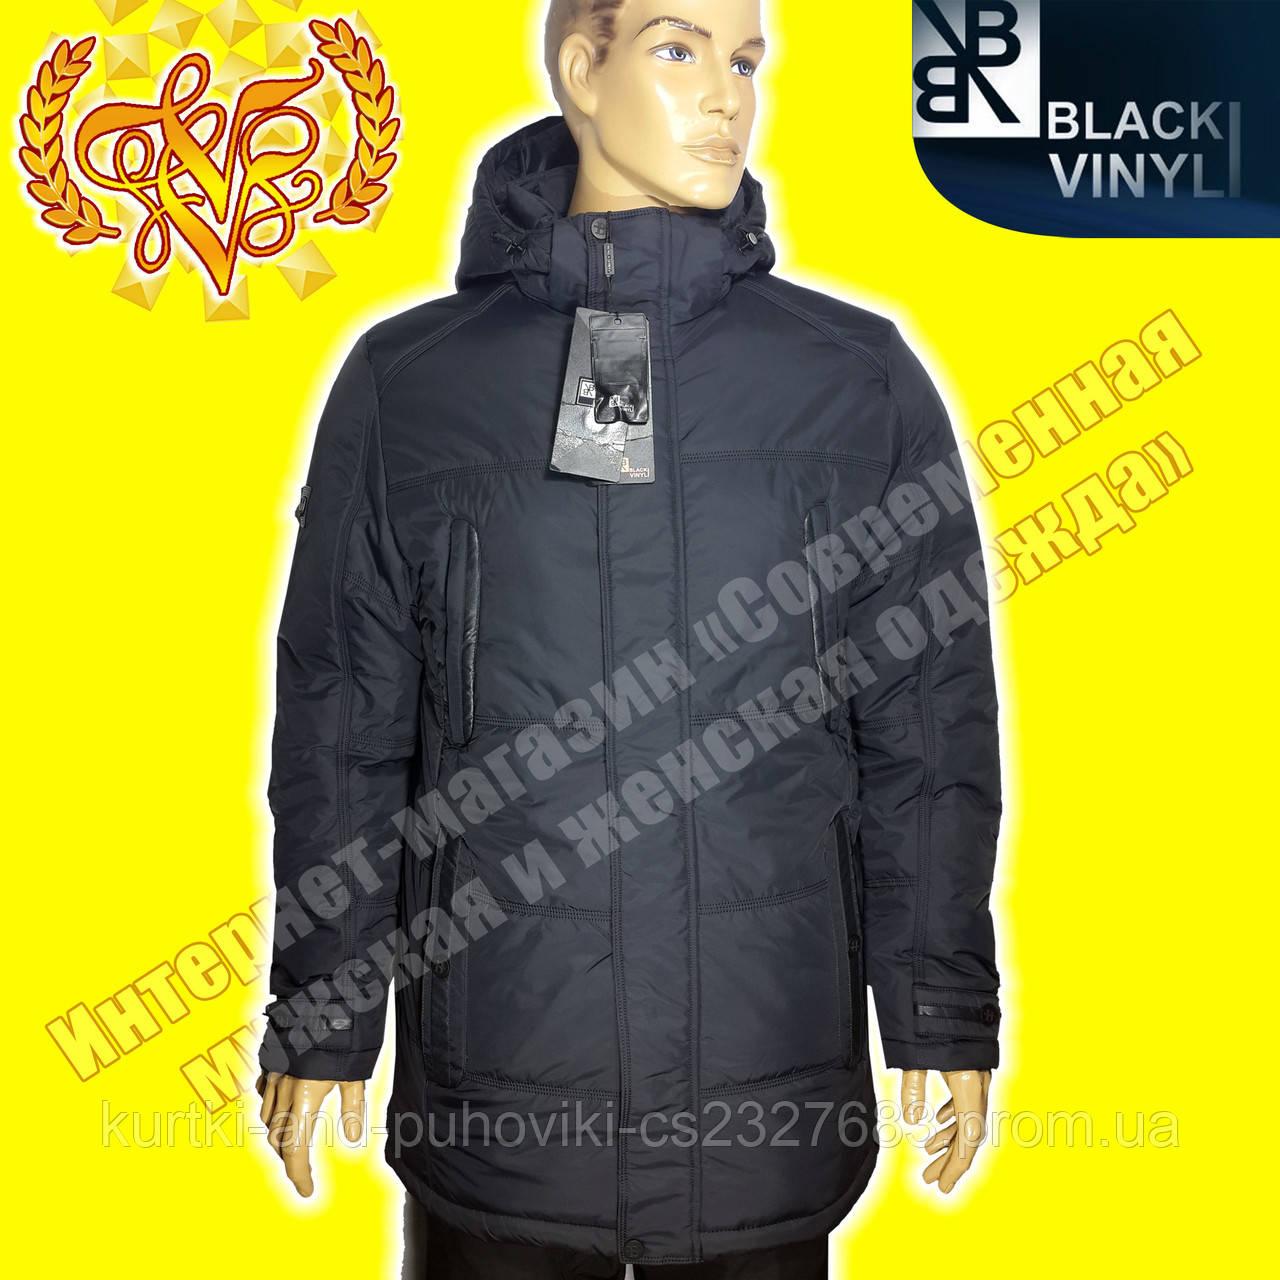 767d6551dd0 Куртка - парка мужская Black Vinyl - Интернет-магазин «Современная мужская  и женская одежда